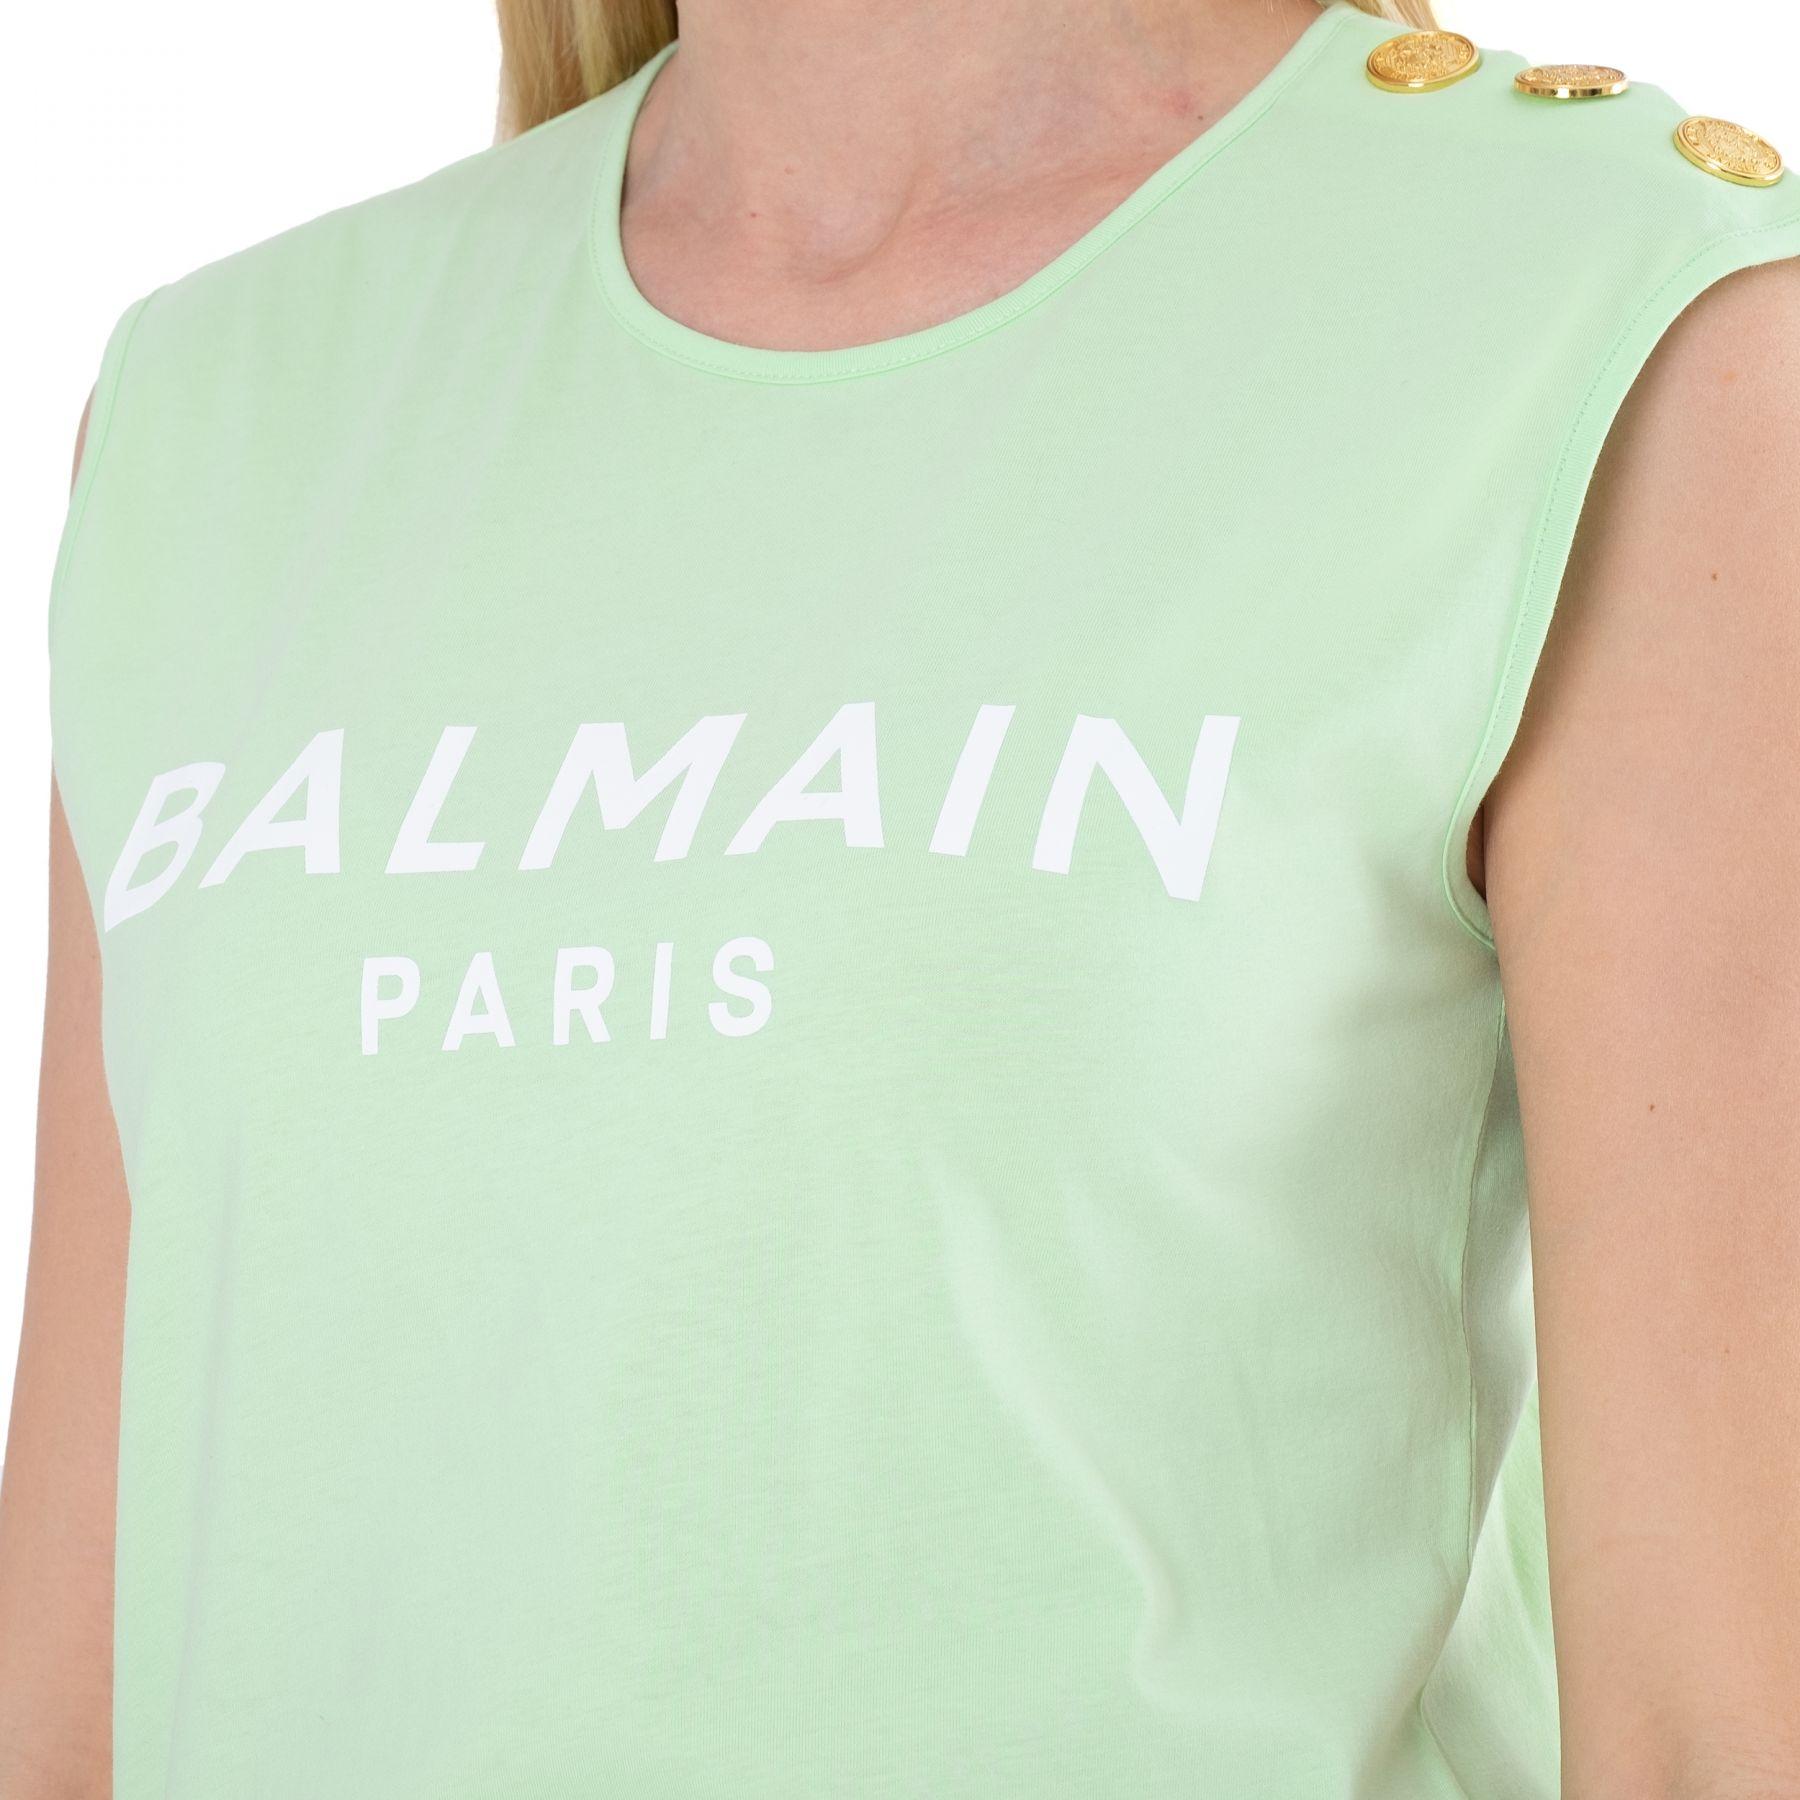 Топ Balmain лаймовый